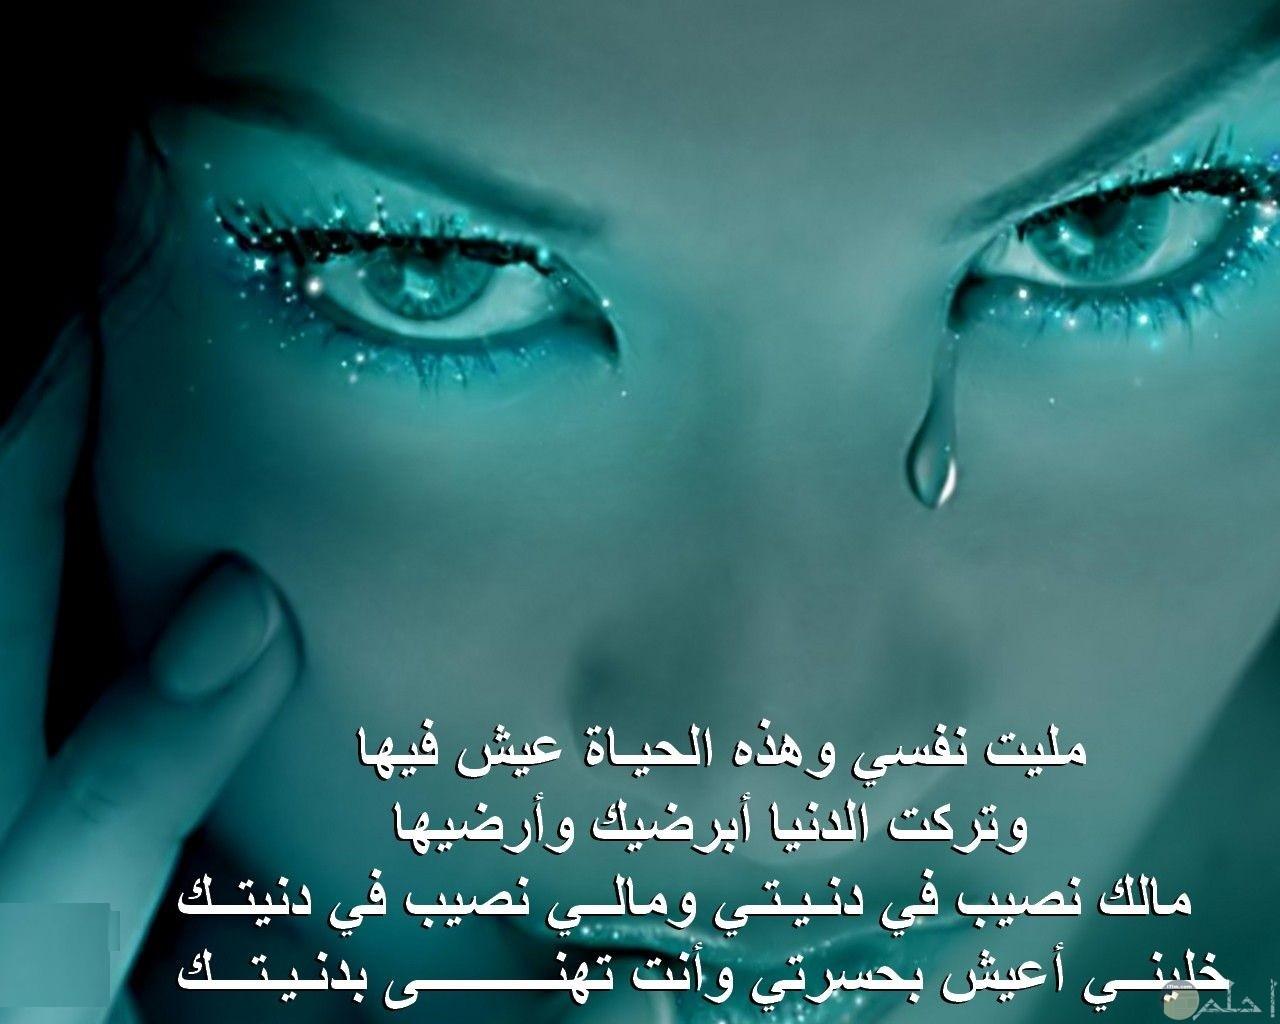 عبارات حزينة 1